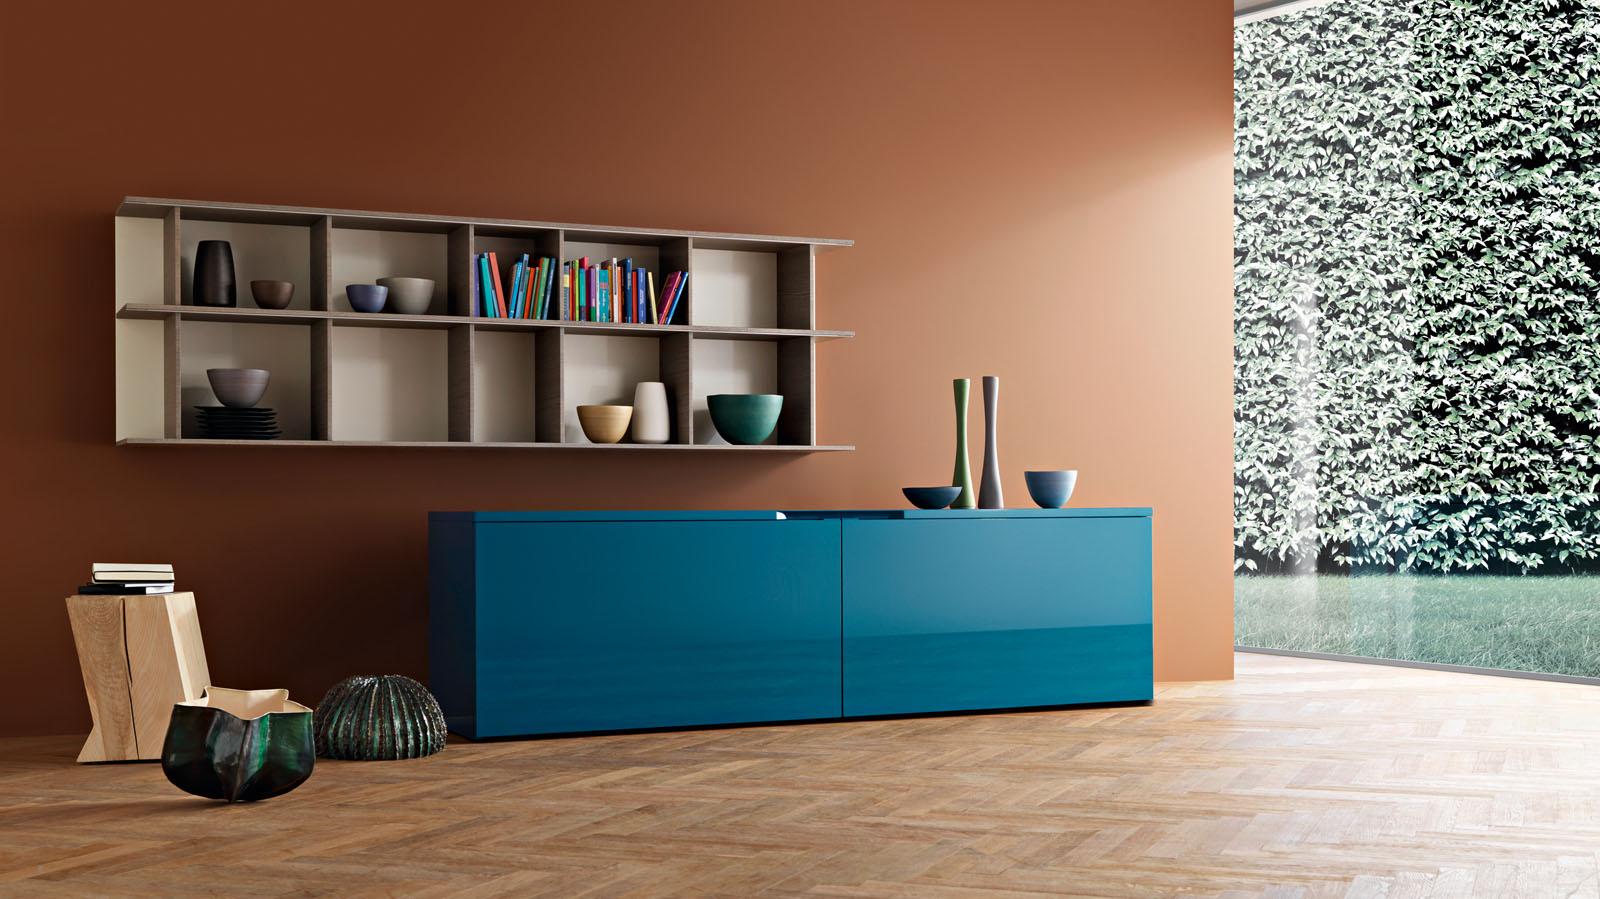 aparador azul sangiacomo muebles mallorca